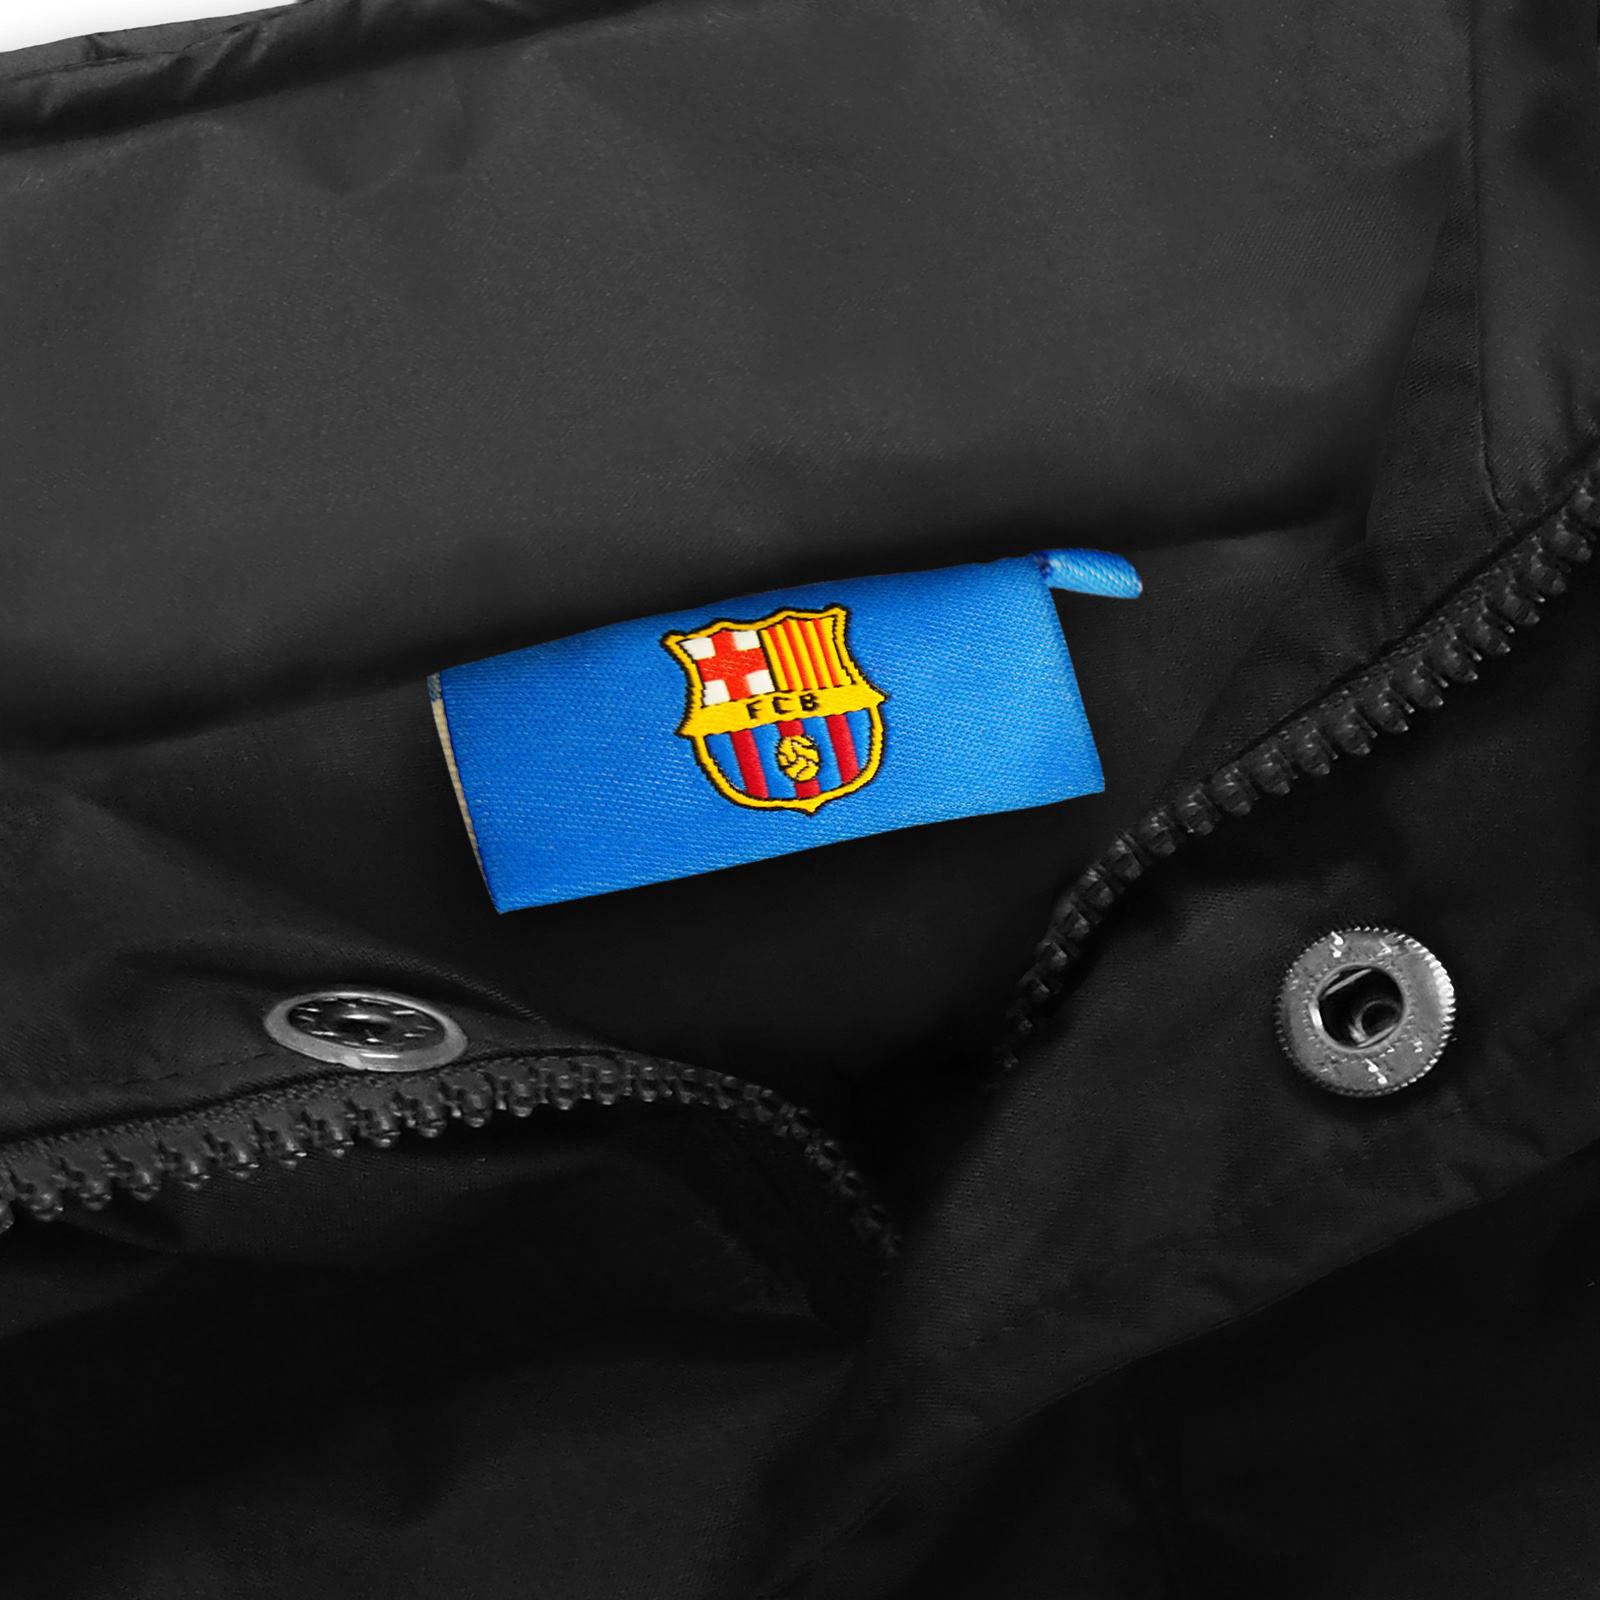 FC-Barcelona-officiel-Gilet-rembourre-sans-manches-theme-football-garcon